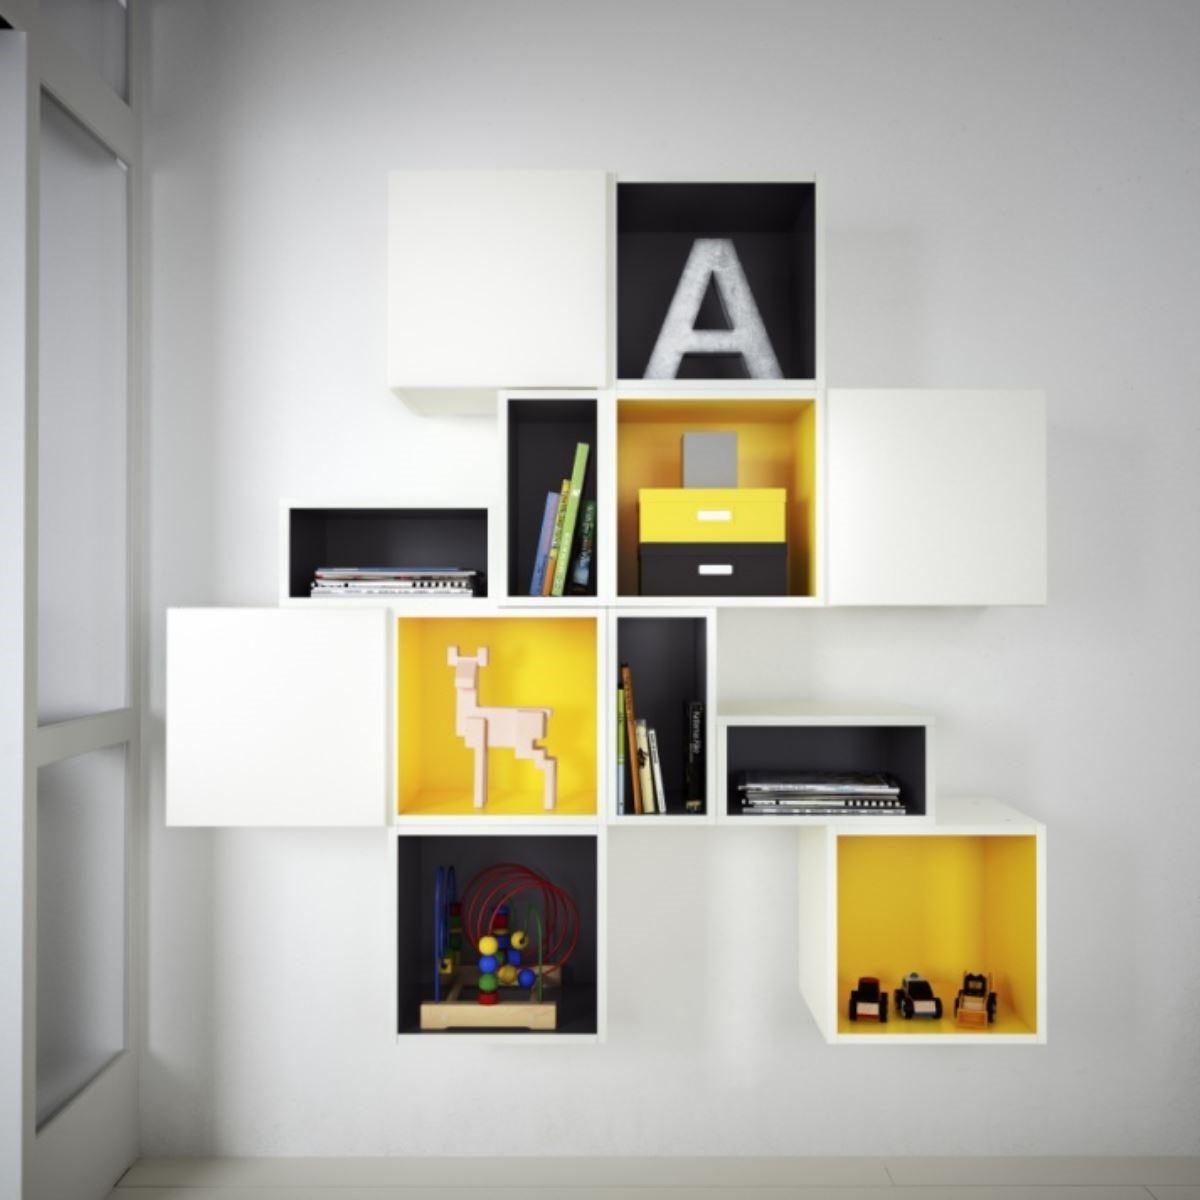 要快速訂製一個符合空間和自己理想中的廚房,需要更彈性、更客製化的選擇,為此 IKEA 2015 年推出了 20 、 40 、 60 、 80 公分的櫃體尺寸可以選擇。圖片提供_IKEA